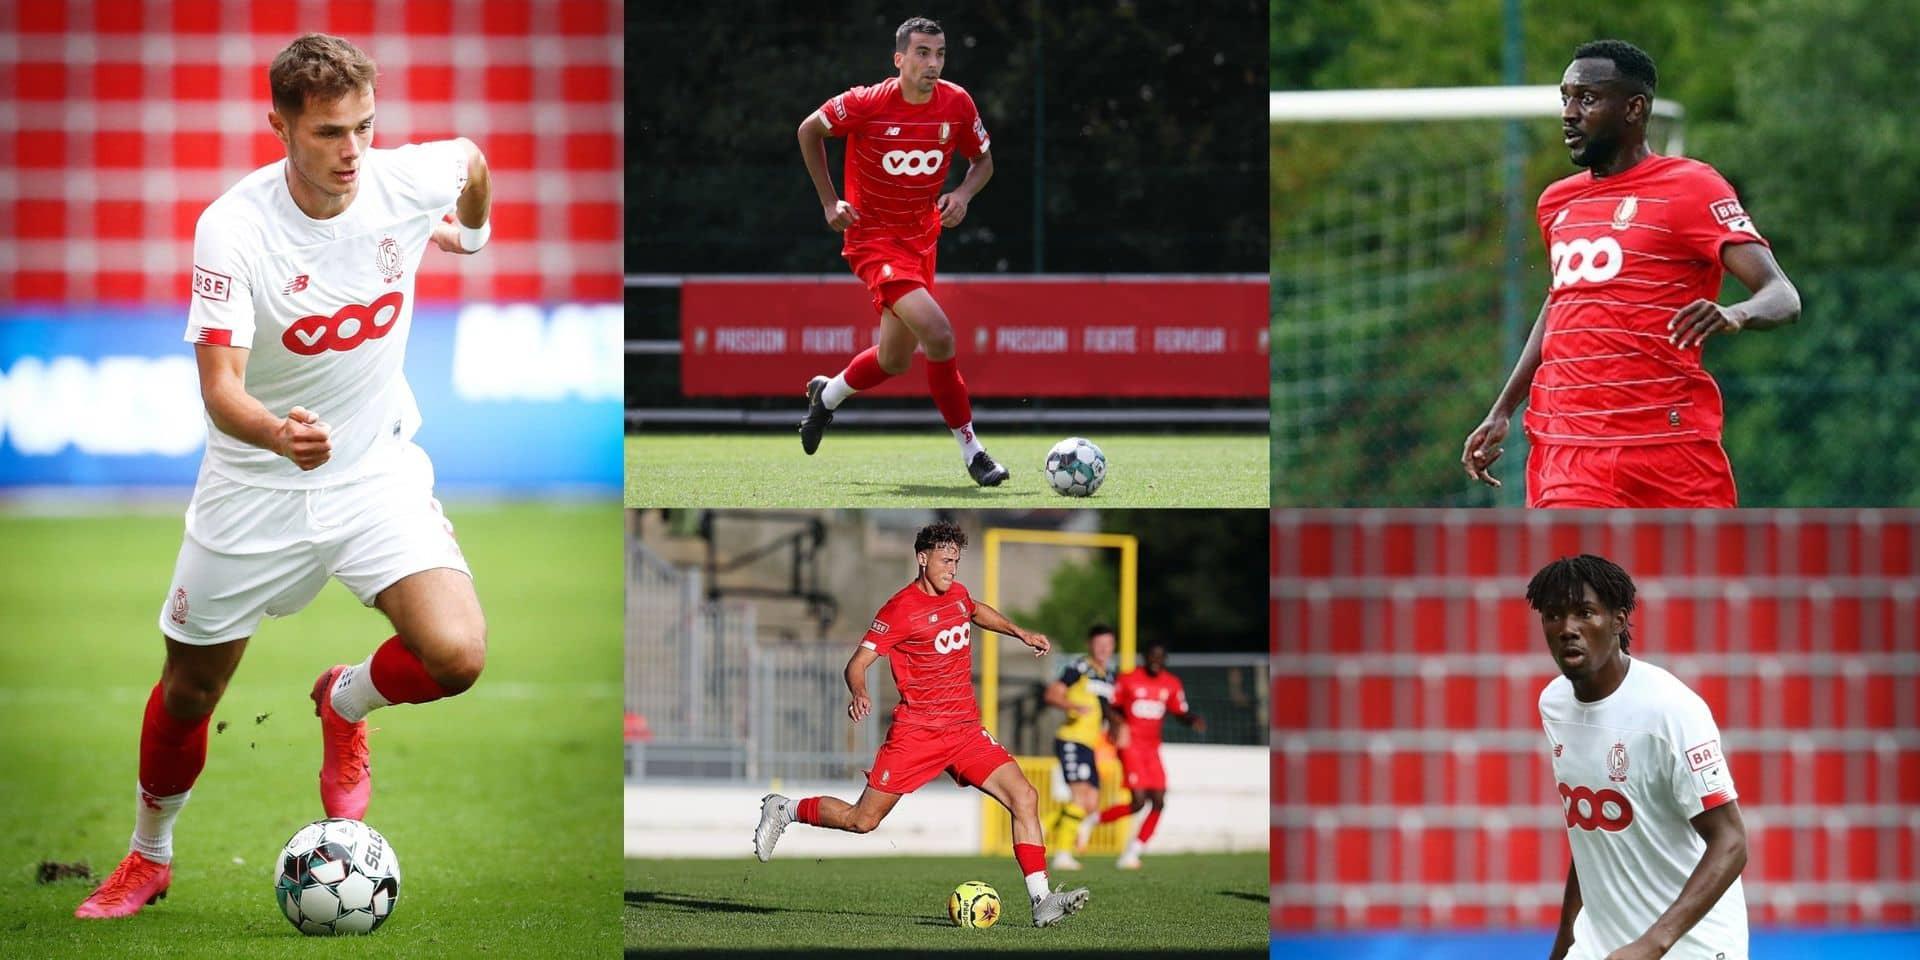 Voici les 5 options pour faire face à l'absence de Zinho Vanheusden